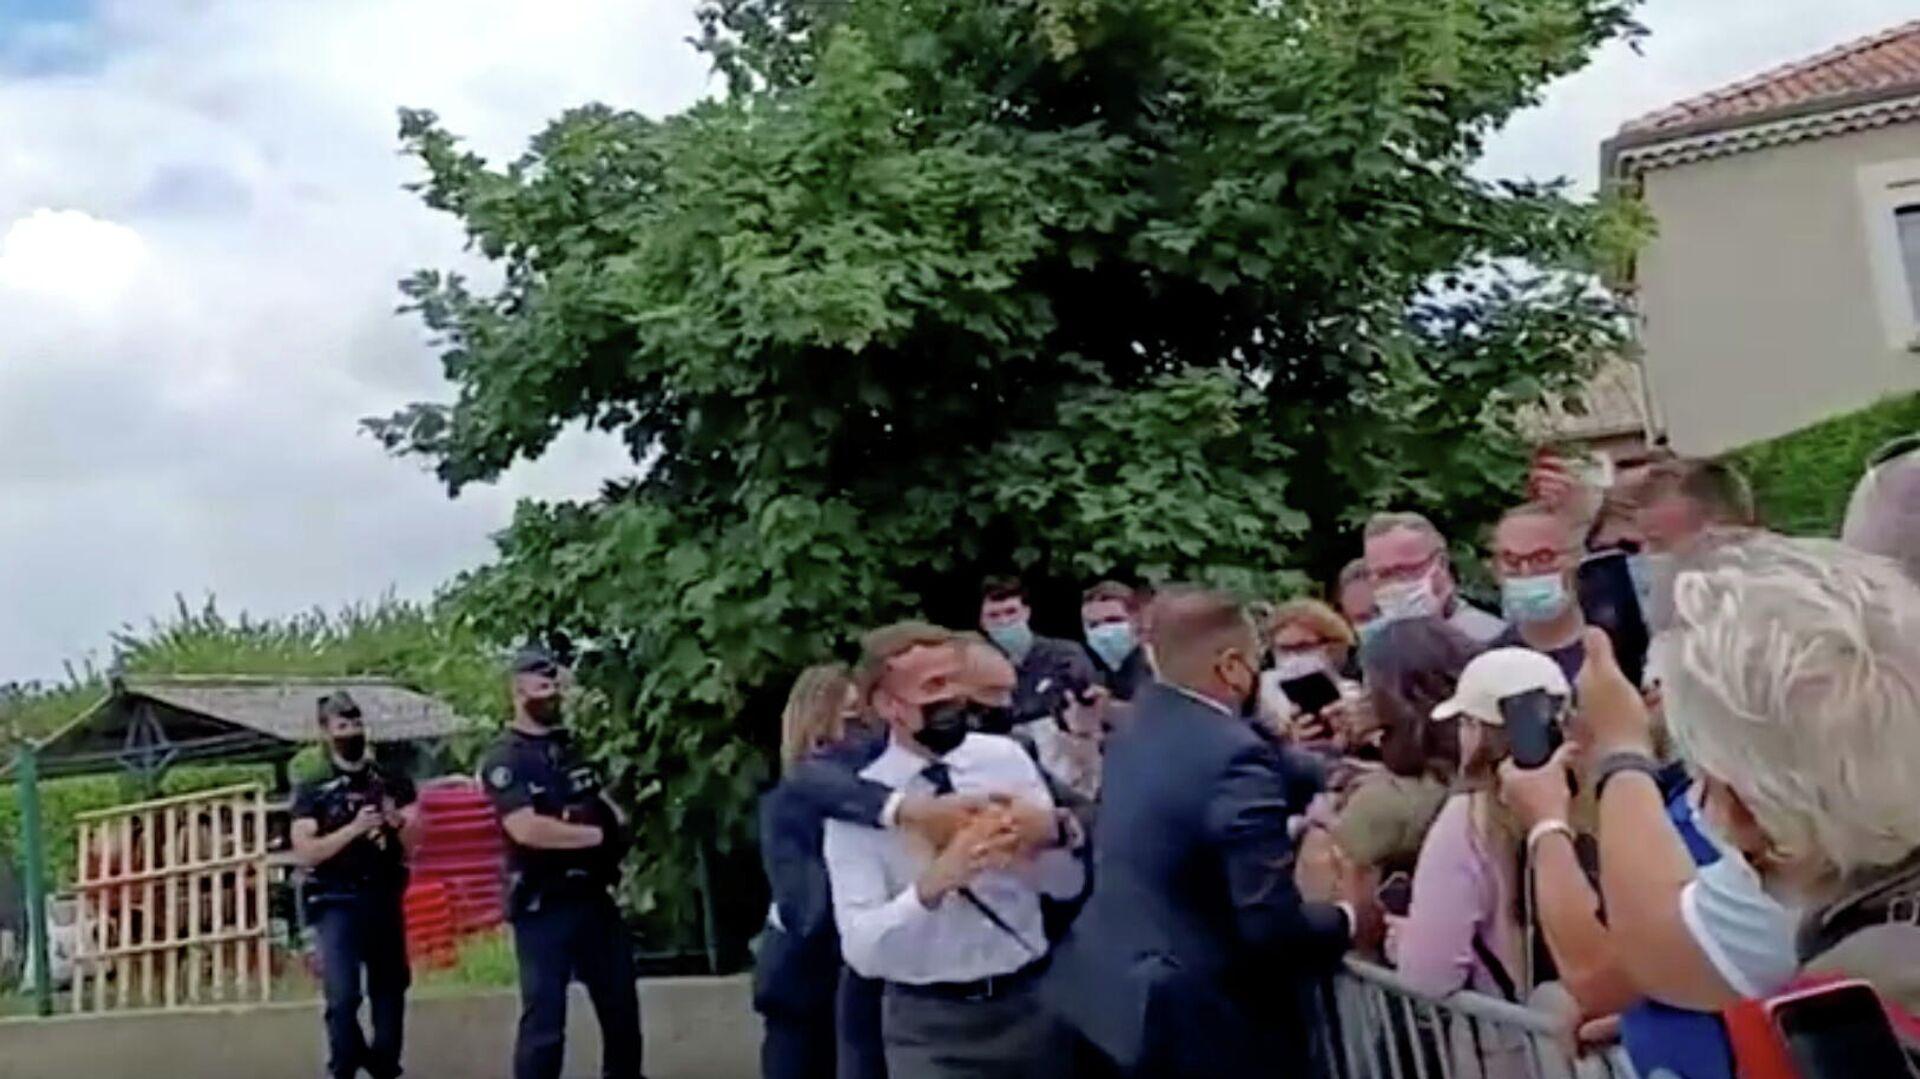 Президент Франции Эммануэль Макрон во время нападения на него в Тэн-Л'Эрмитаж - РИА Новости, 1920, 09.06.2021